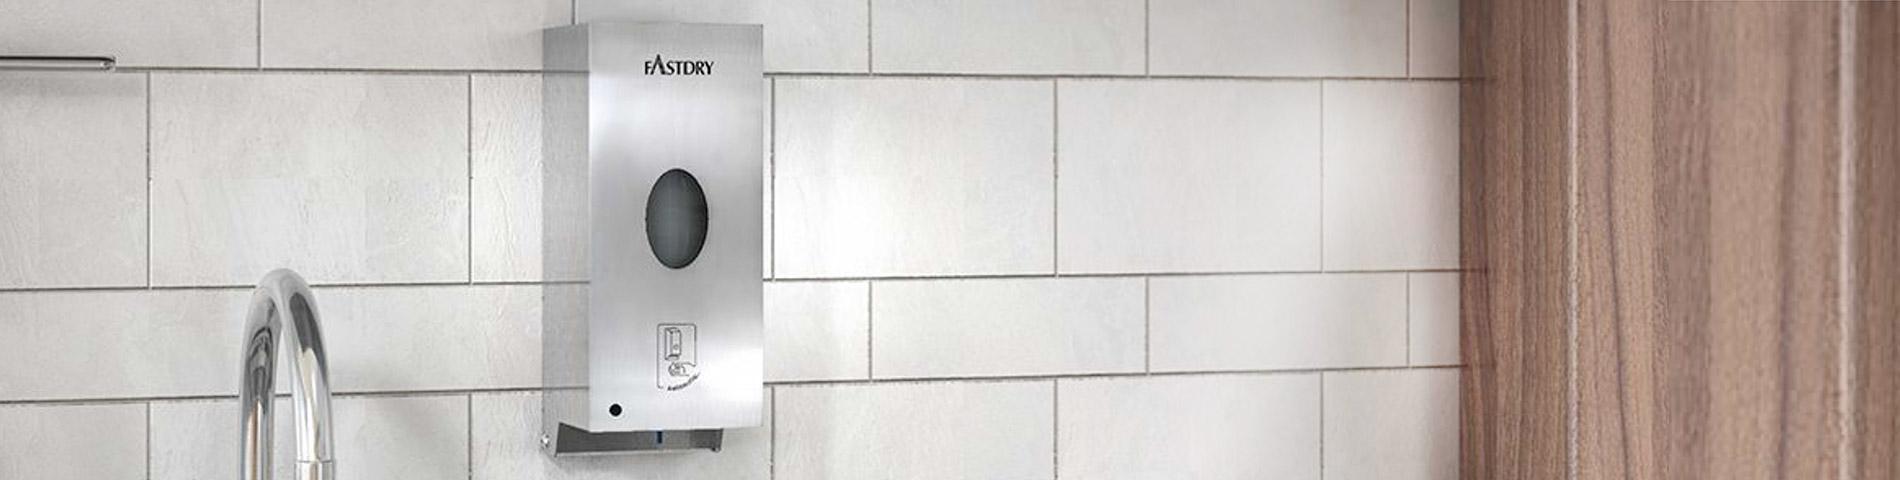 Full Range of Auto Sanitizer Dispenser